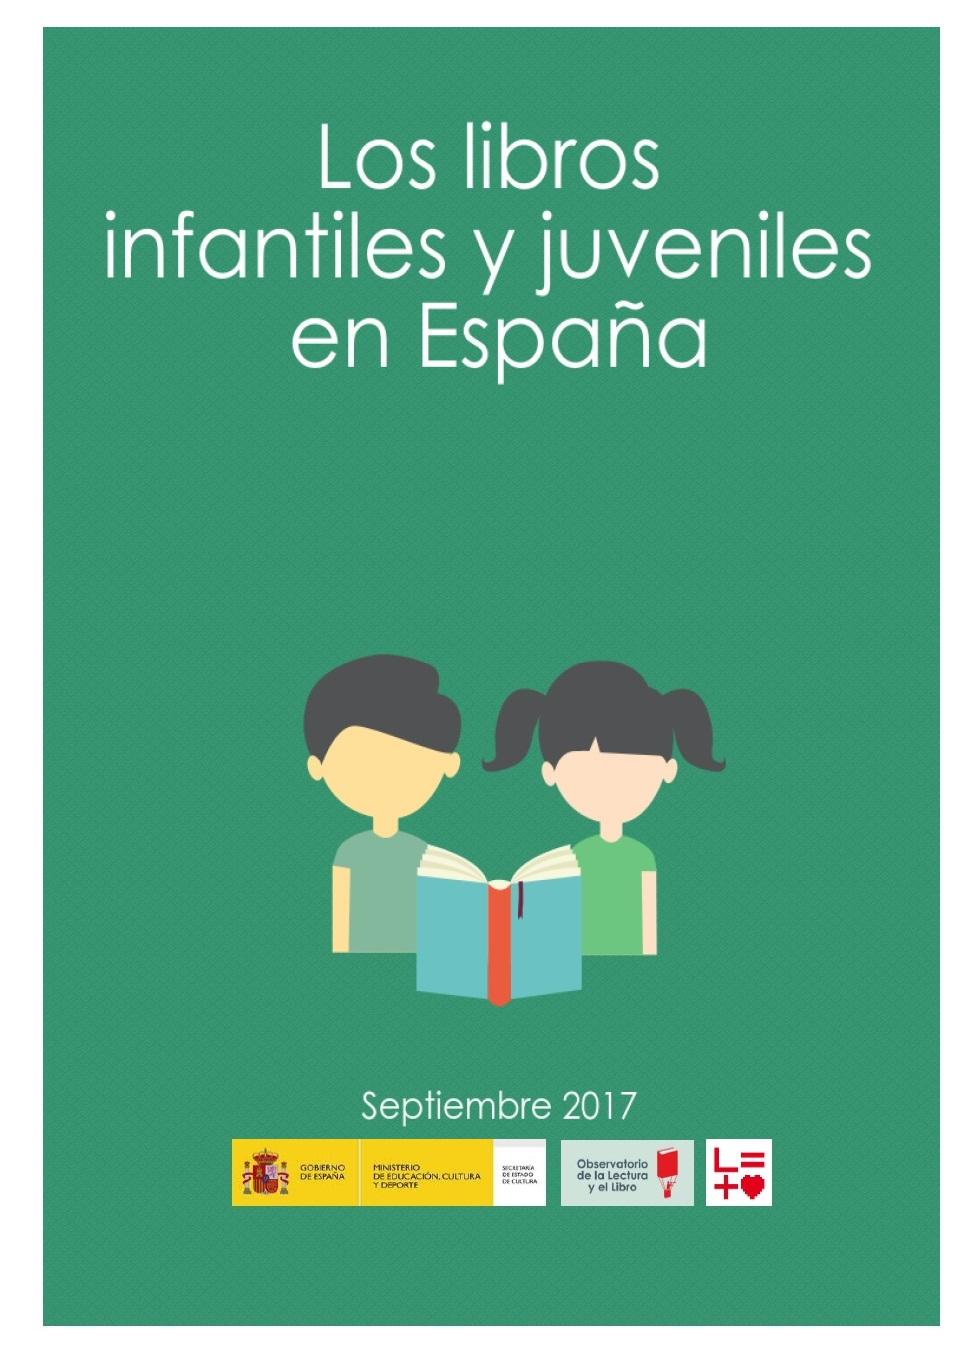 Los libros infantiles y juveniles en España